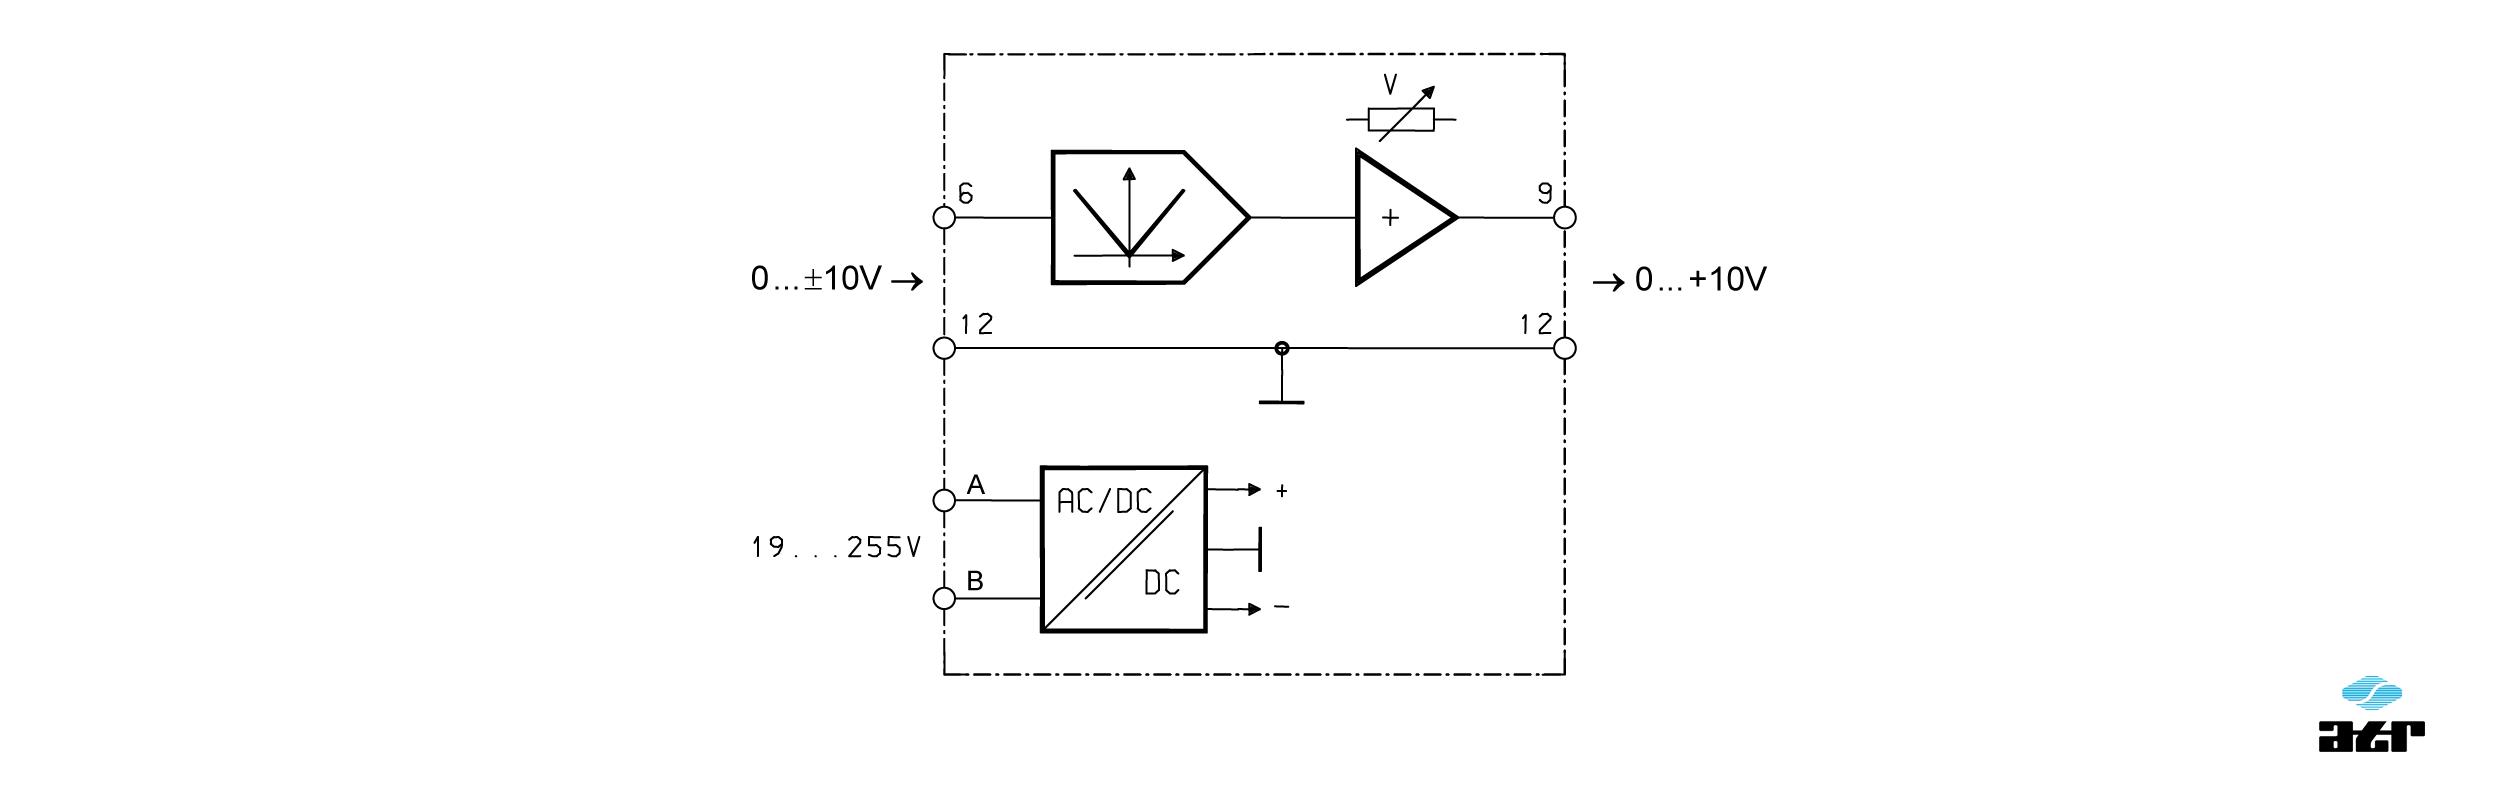 Anschlussplan: ATR Analoge Signalverarbeiter VM237F